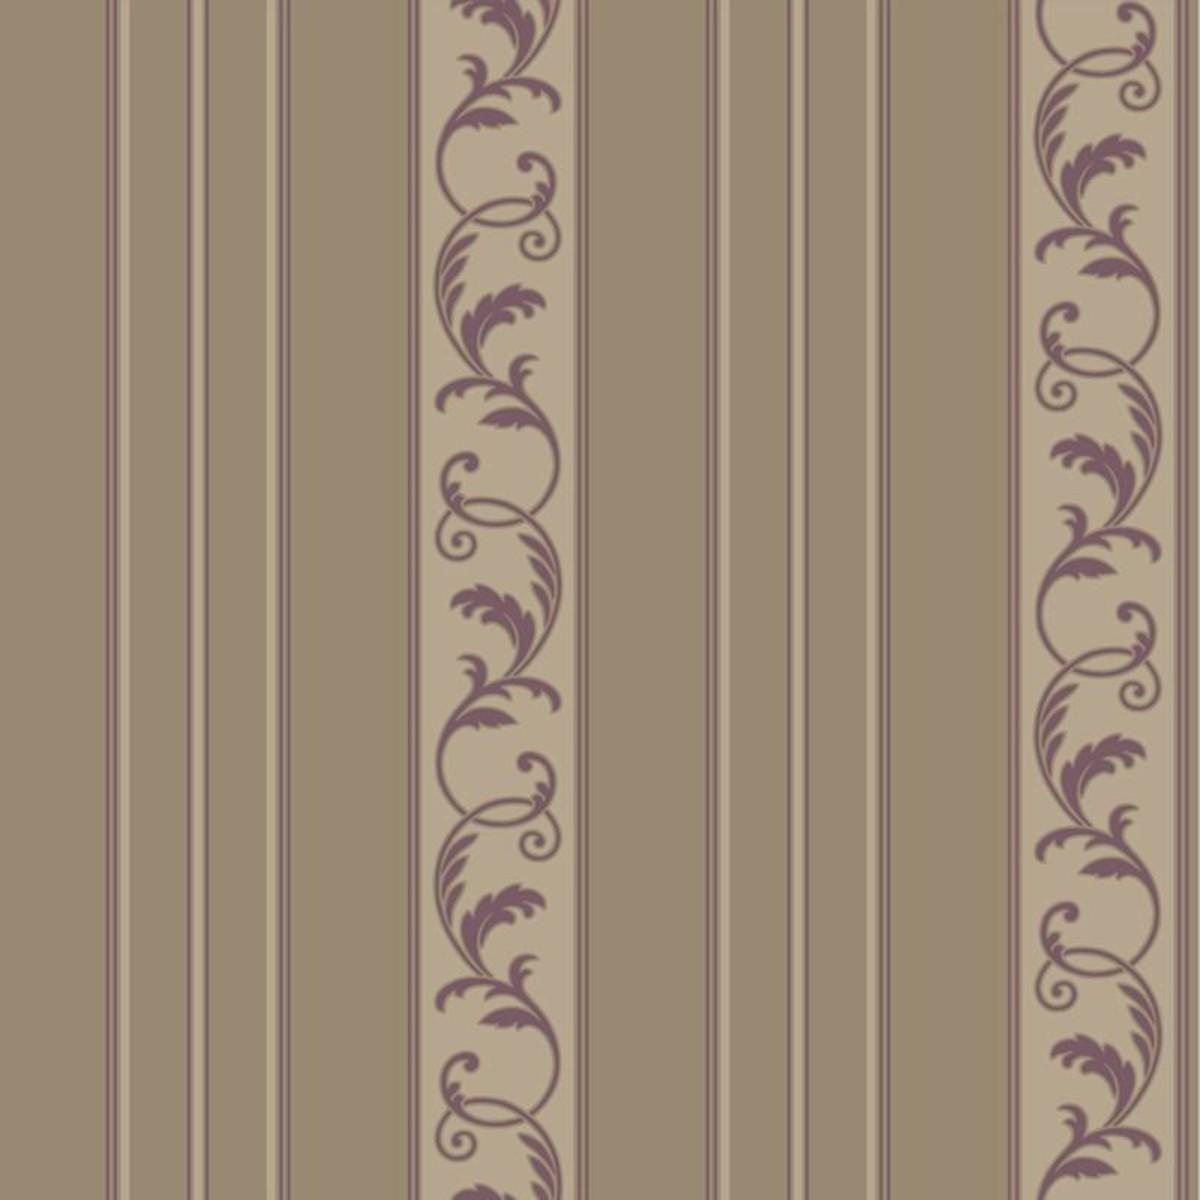 Обои акриловые York Sapphire Oasis коричневые 0.53 м JR5722